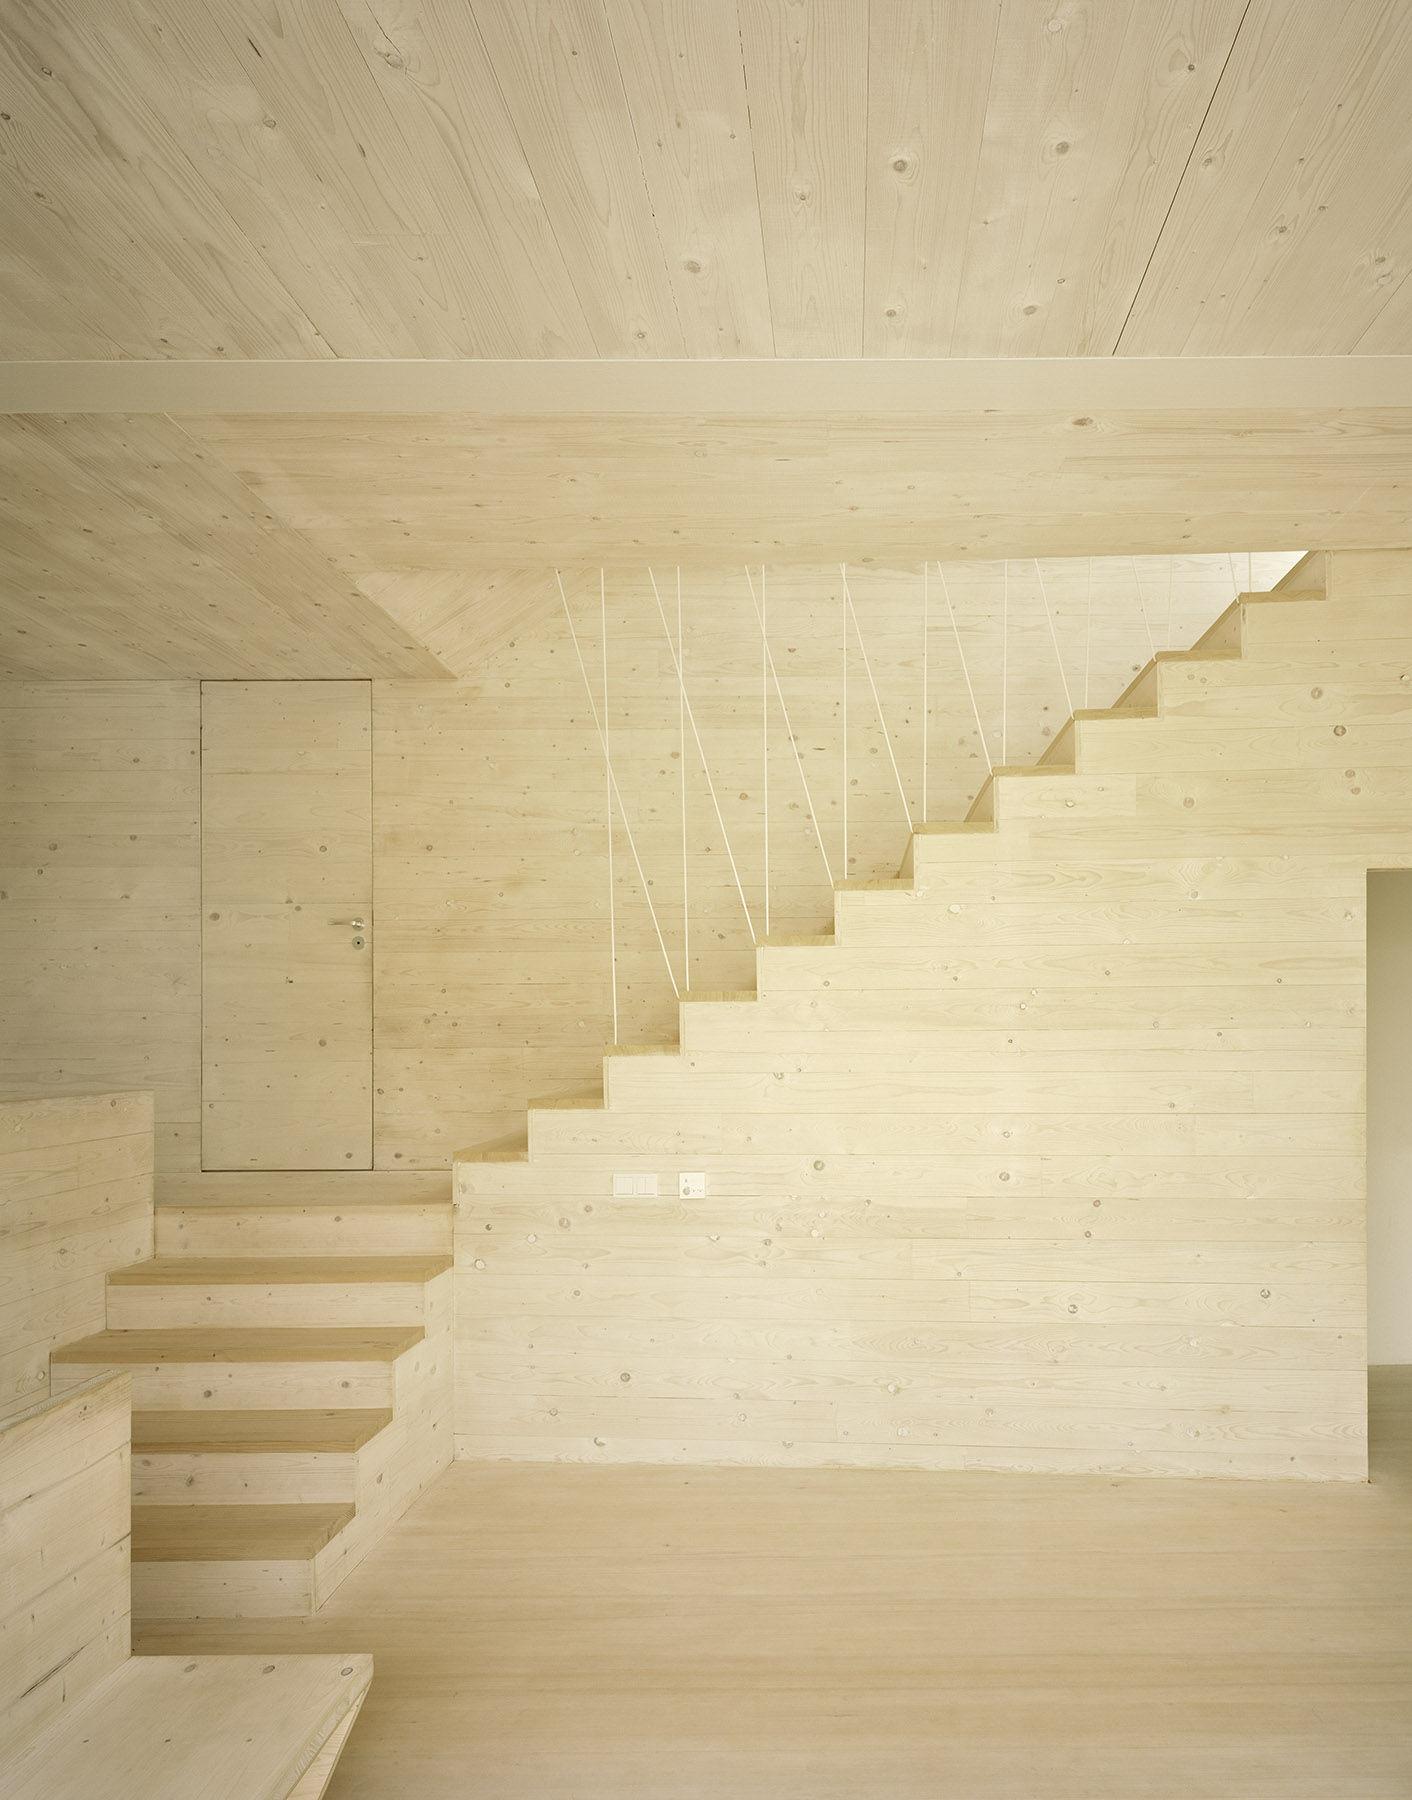 Stabile holztreppe als bestandteil der raumgestaltung for Raumgestaltung mit holz